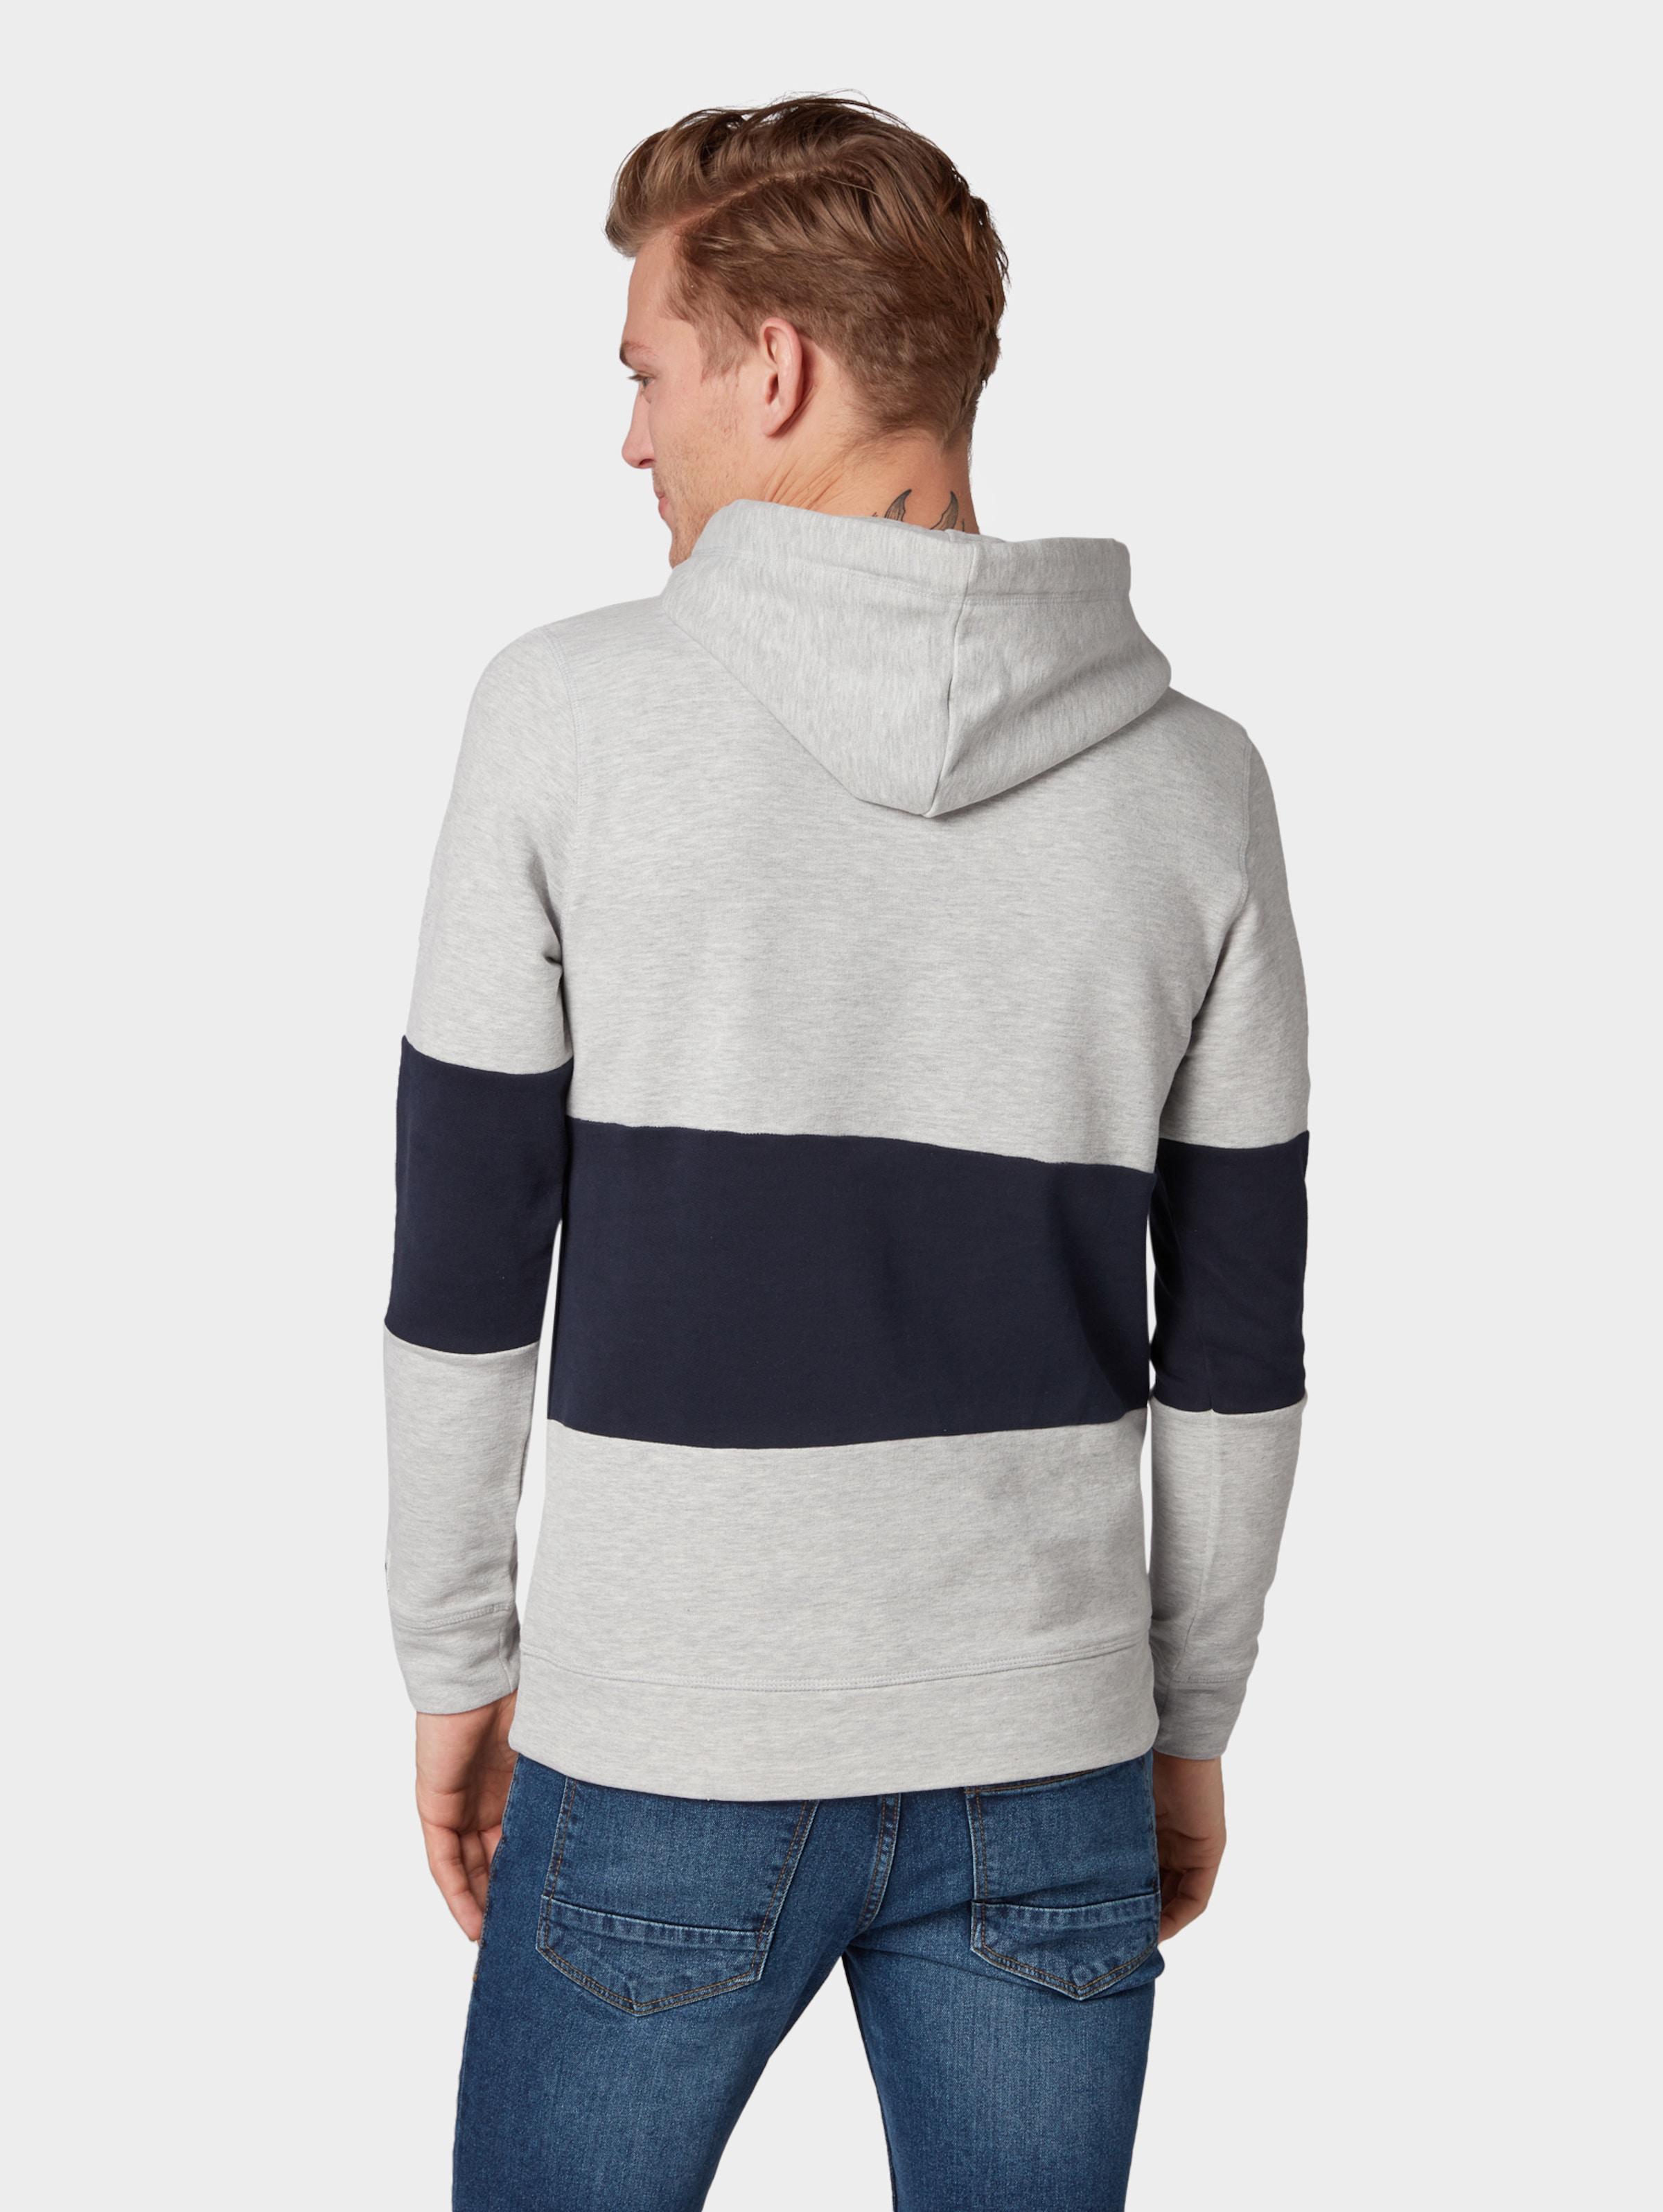 Sweatshirt In Tailor Tom Denim HellgrauSchwarz rQCxBoEeWd